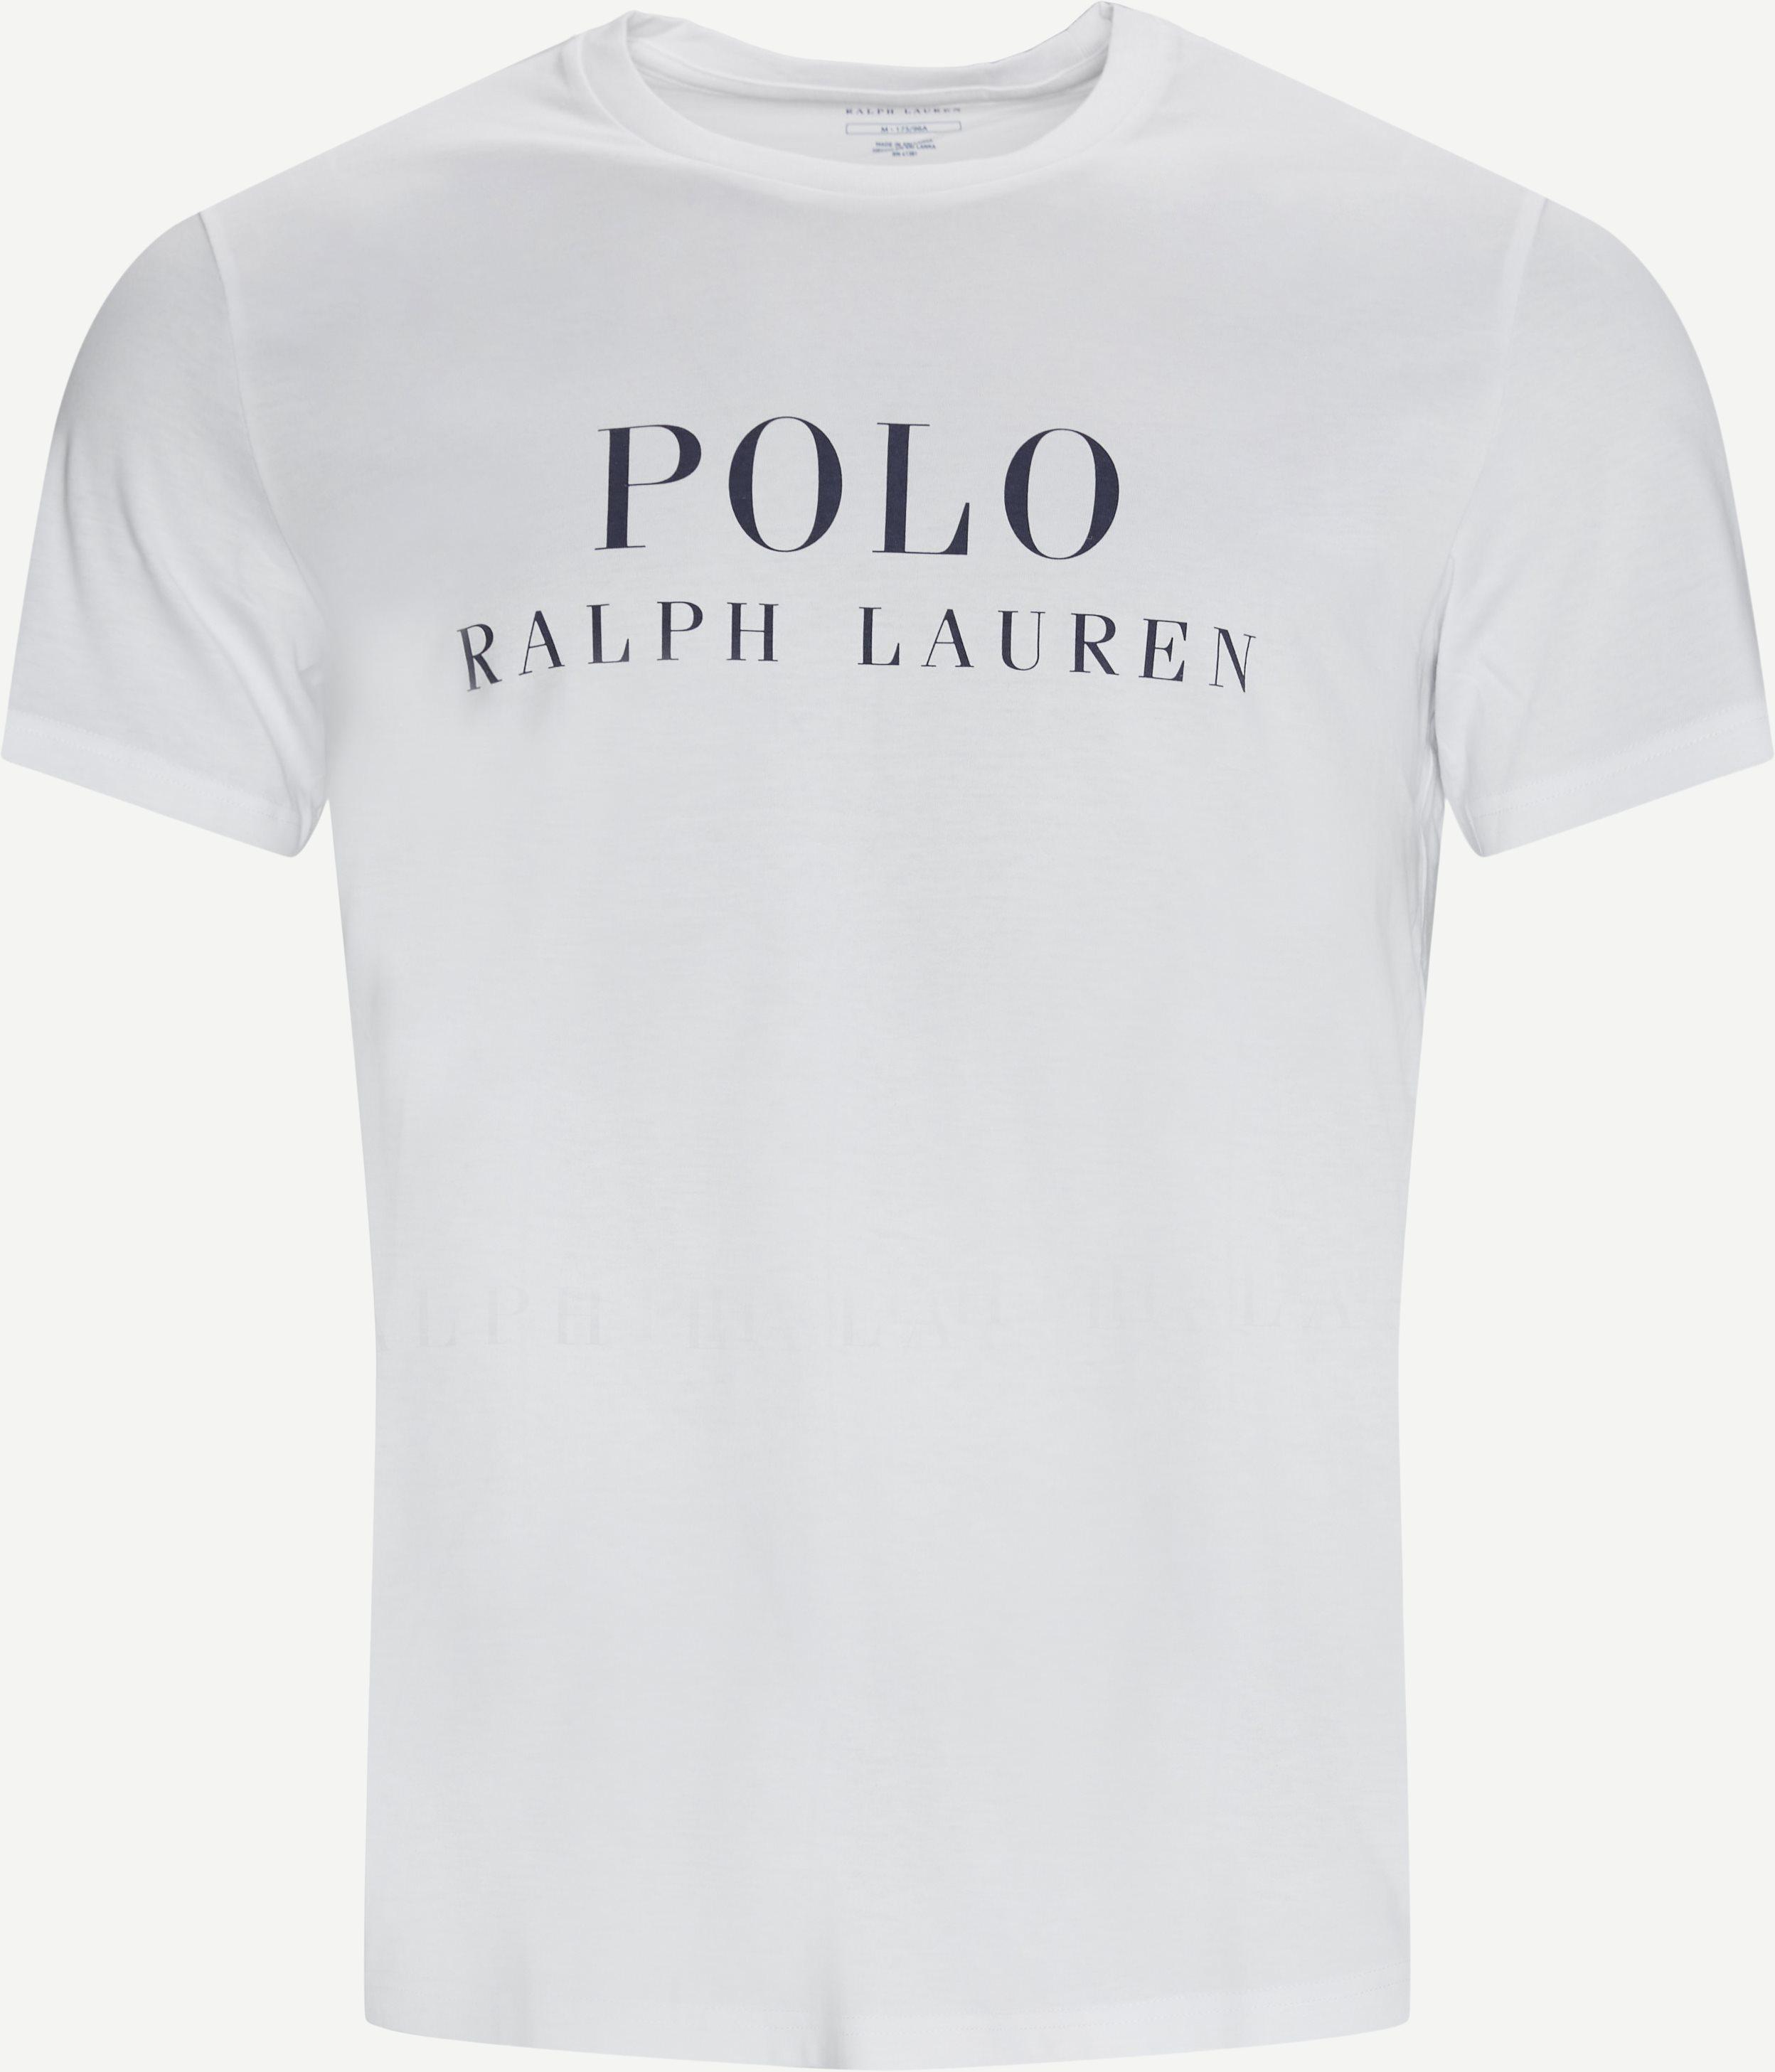 T-Shirts - Regular fit - Weiß